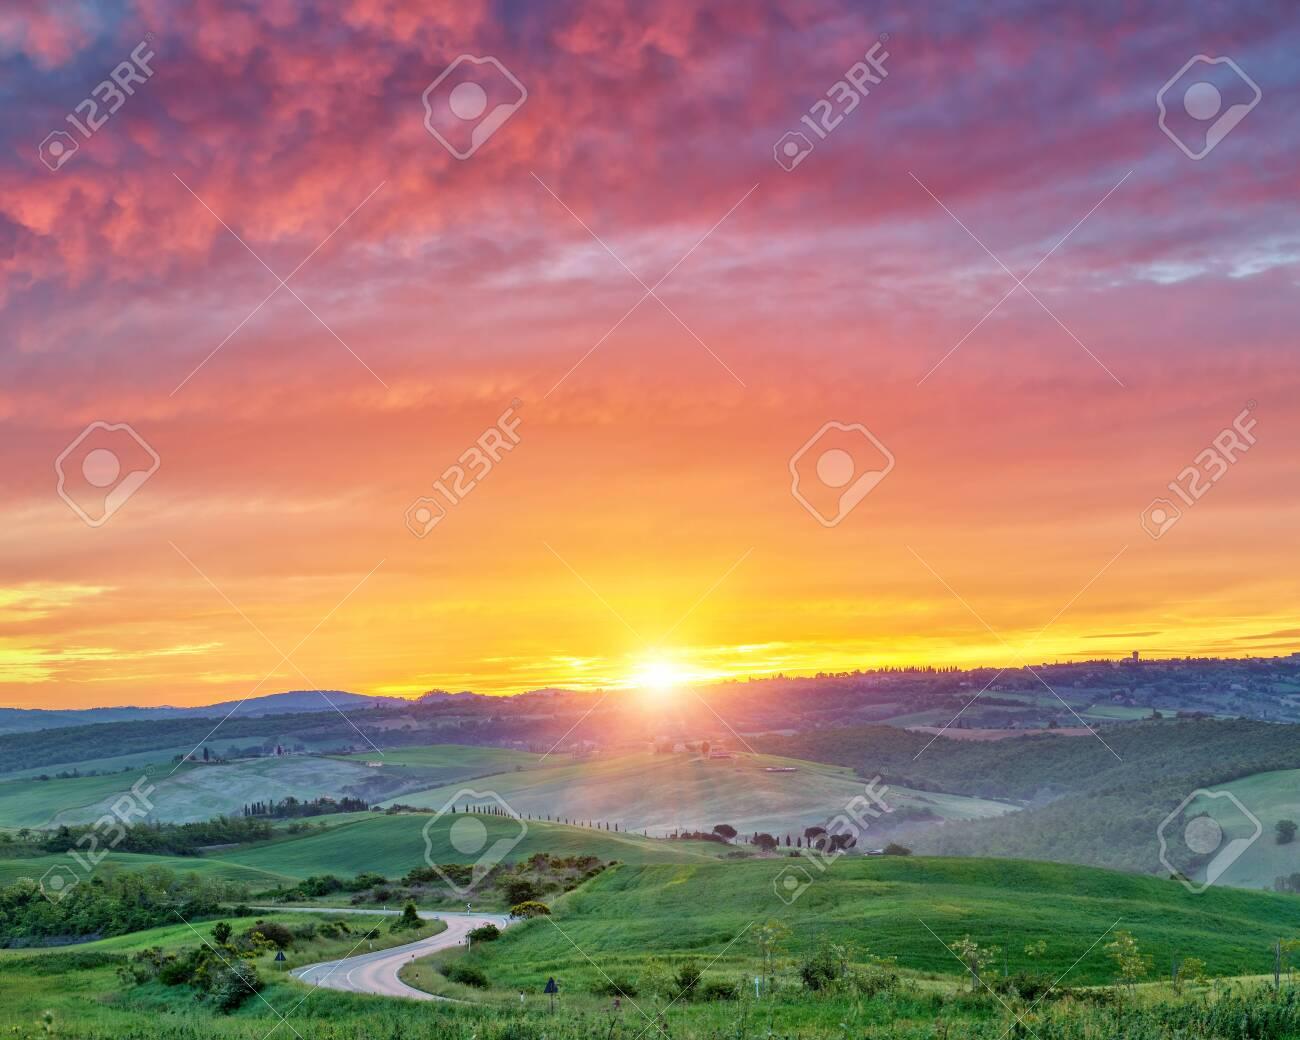 Beautiful Tuscany landscape at sunrise, Italy - 122016565